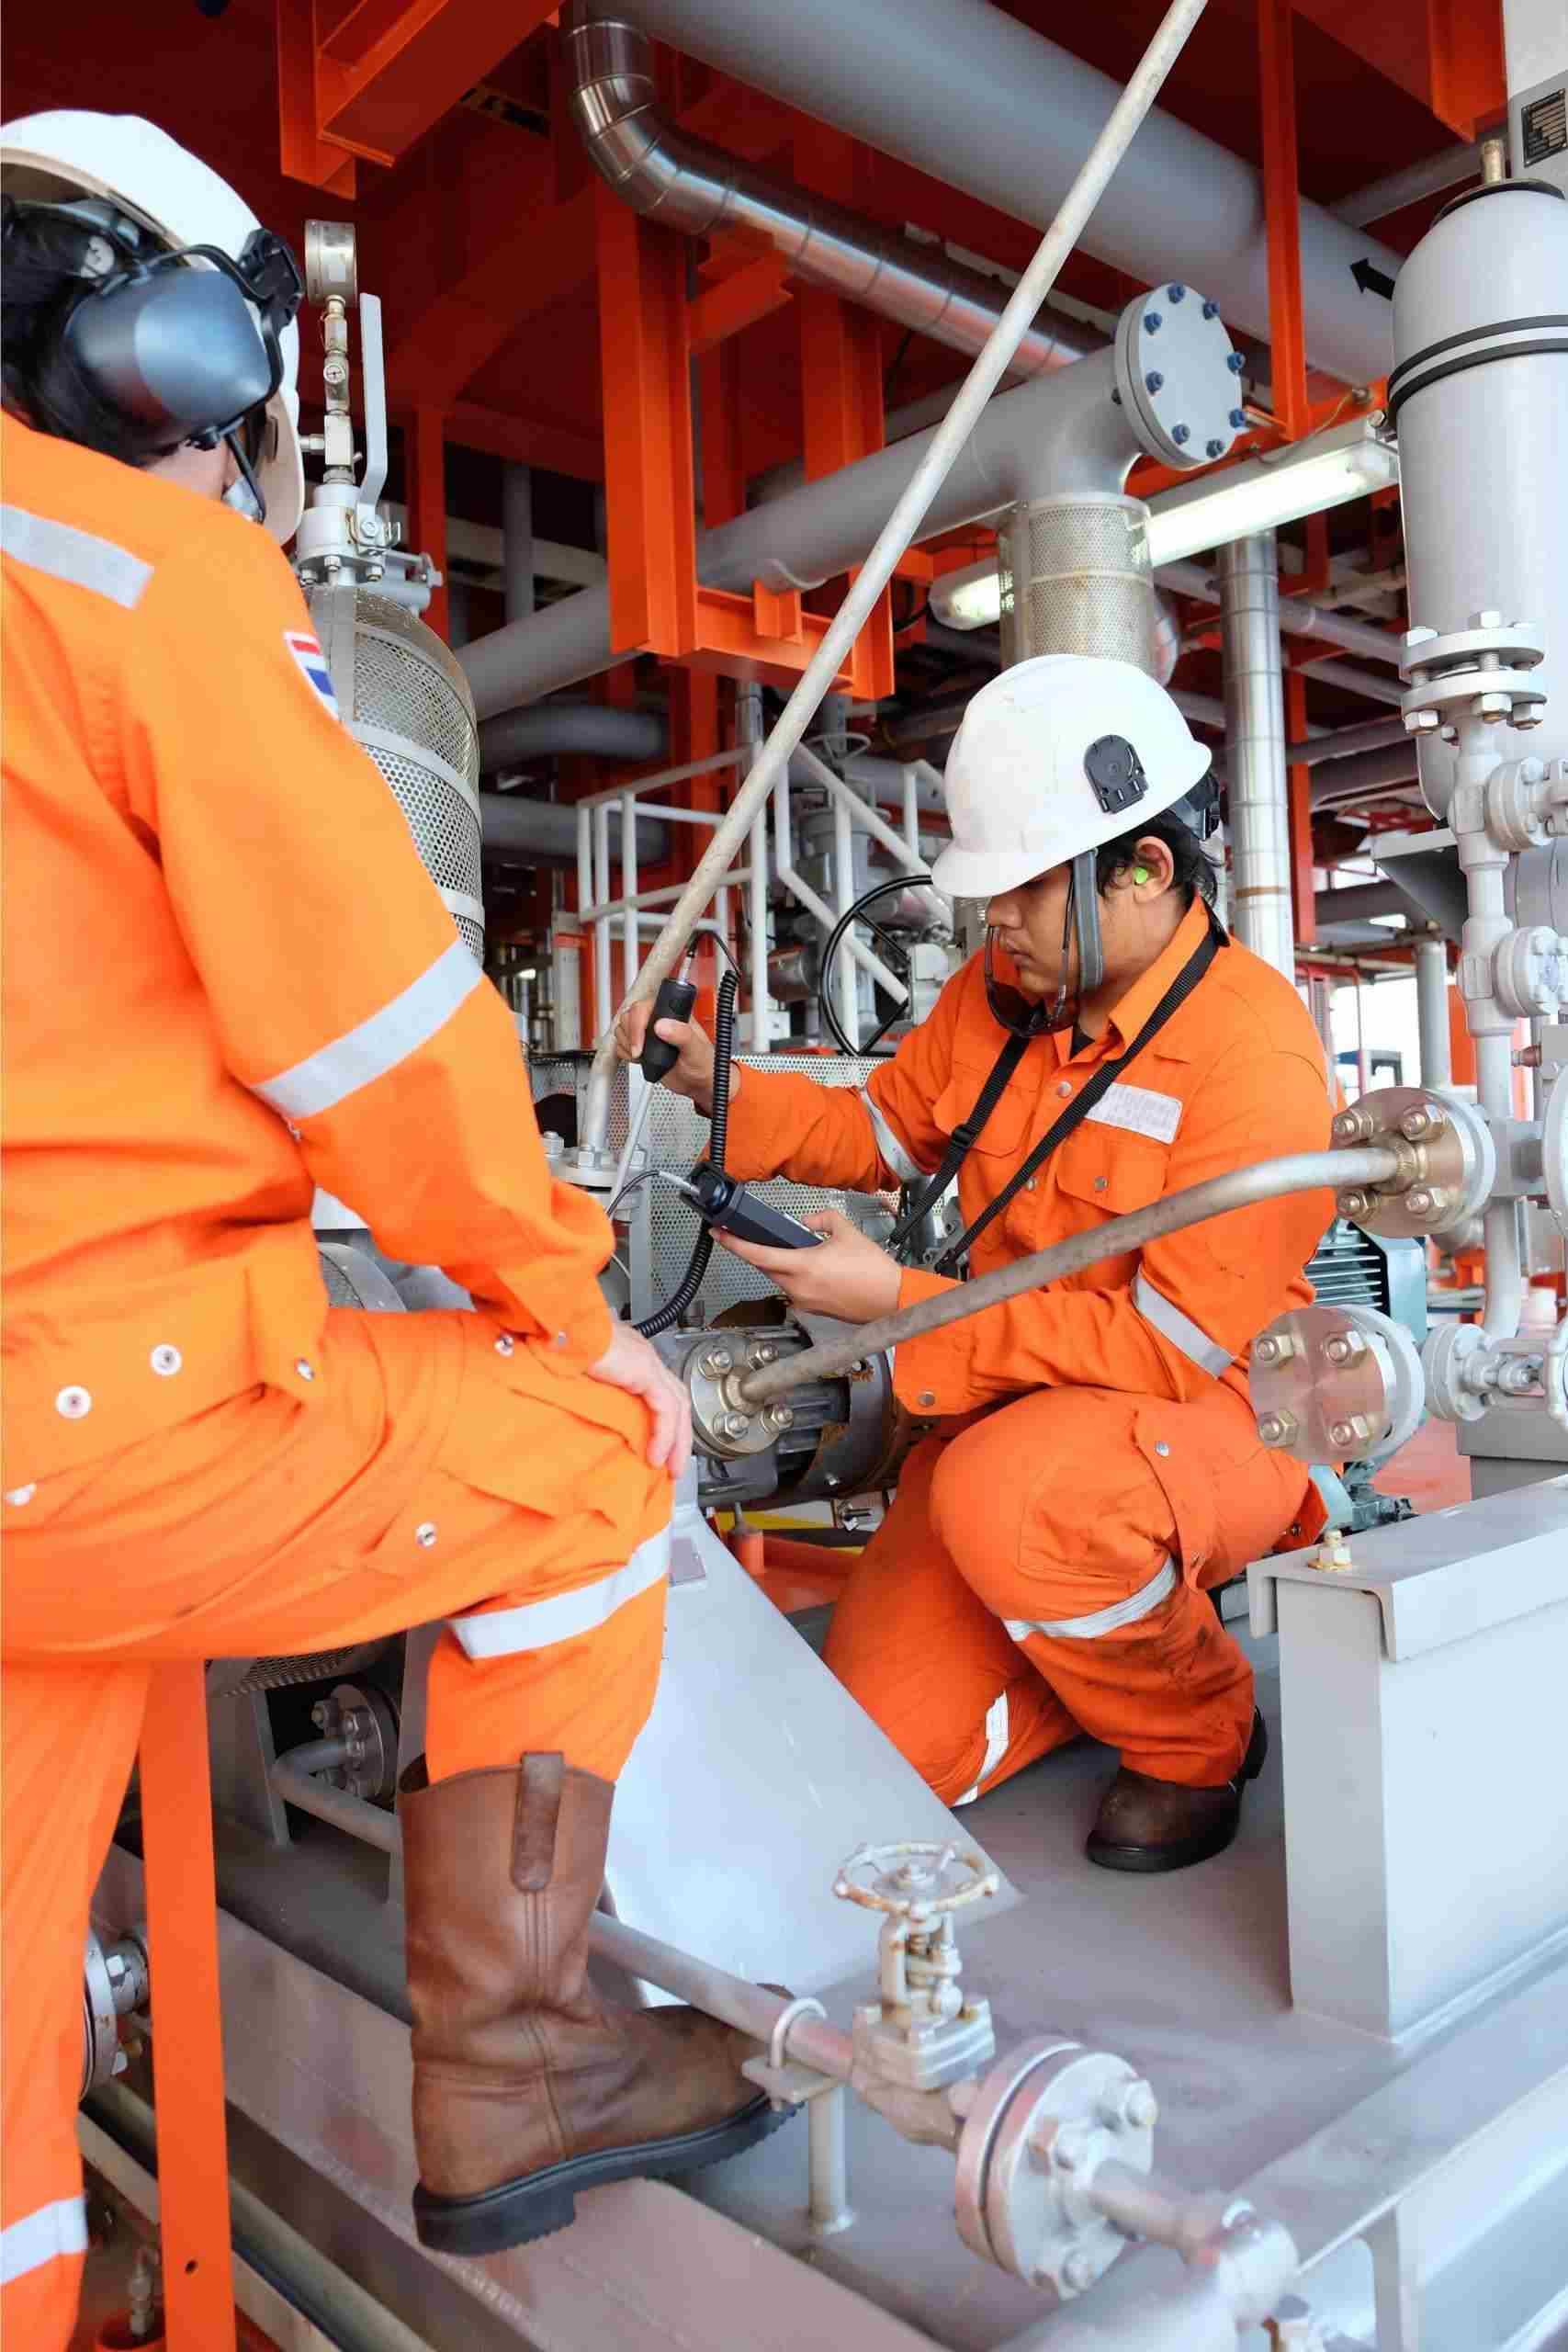 lubtec inspeccion monitoreo equipos